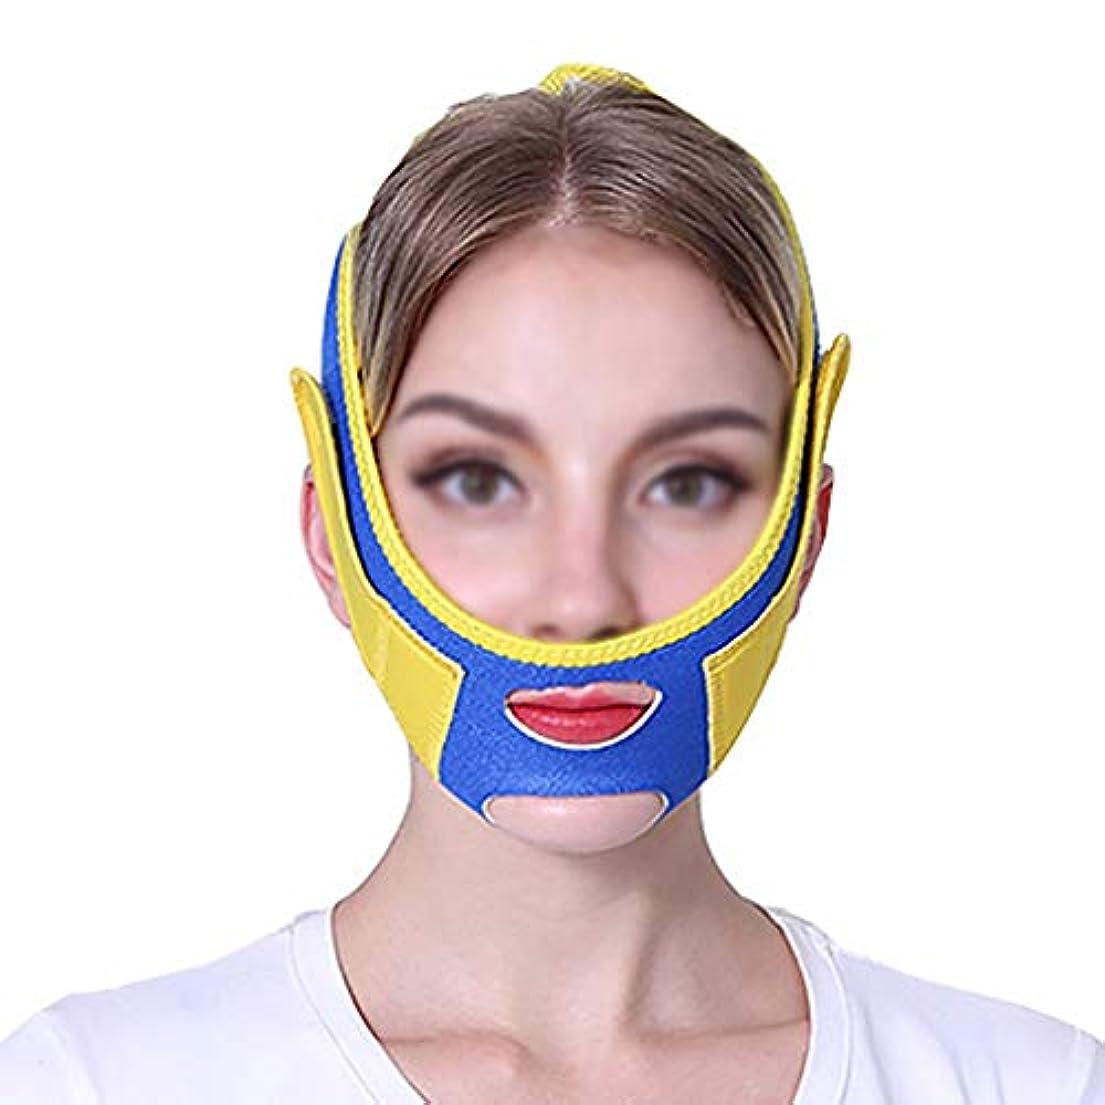 ベーカリー洗うボールTLMY ファーミングマスクスモールvフェイスアーティファクトリフティングマスクフェイスリフティングフェイスリフティングマスクファーミングクリームフェイシャルリフティング包帯 顔用整形マスク